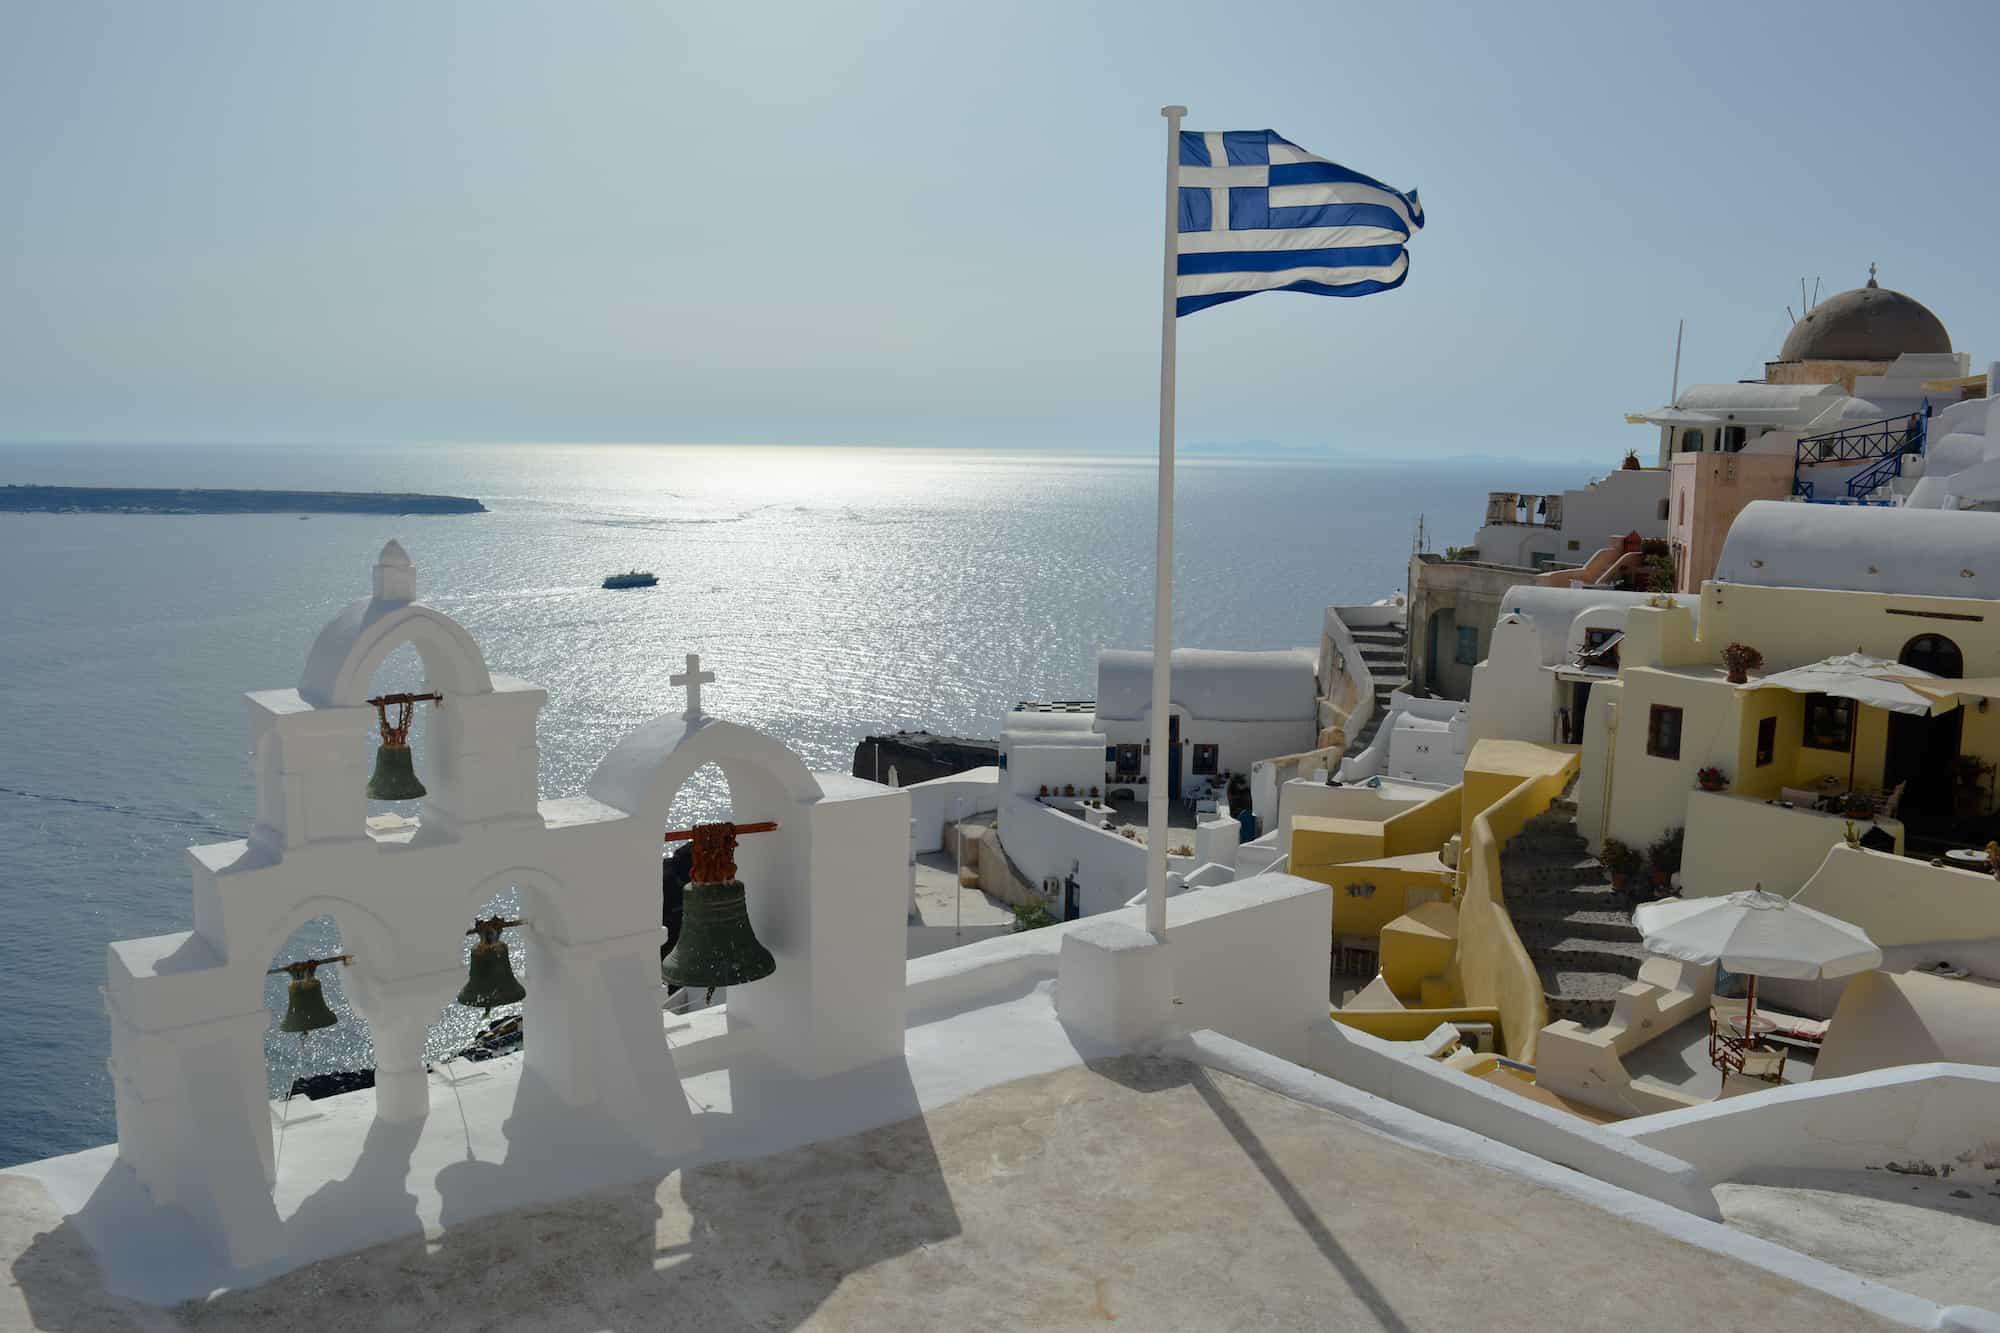 Foto de Santorini con la bandera de Grecia